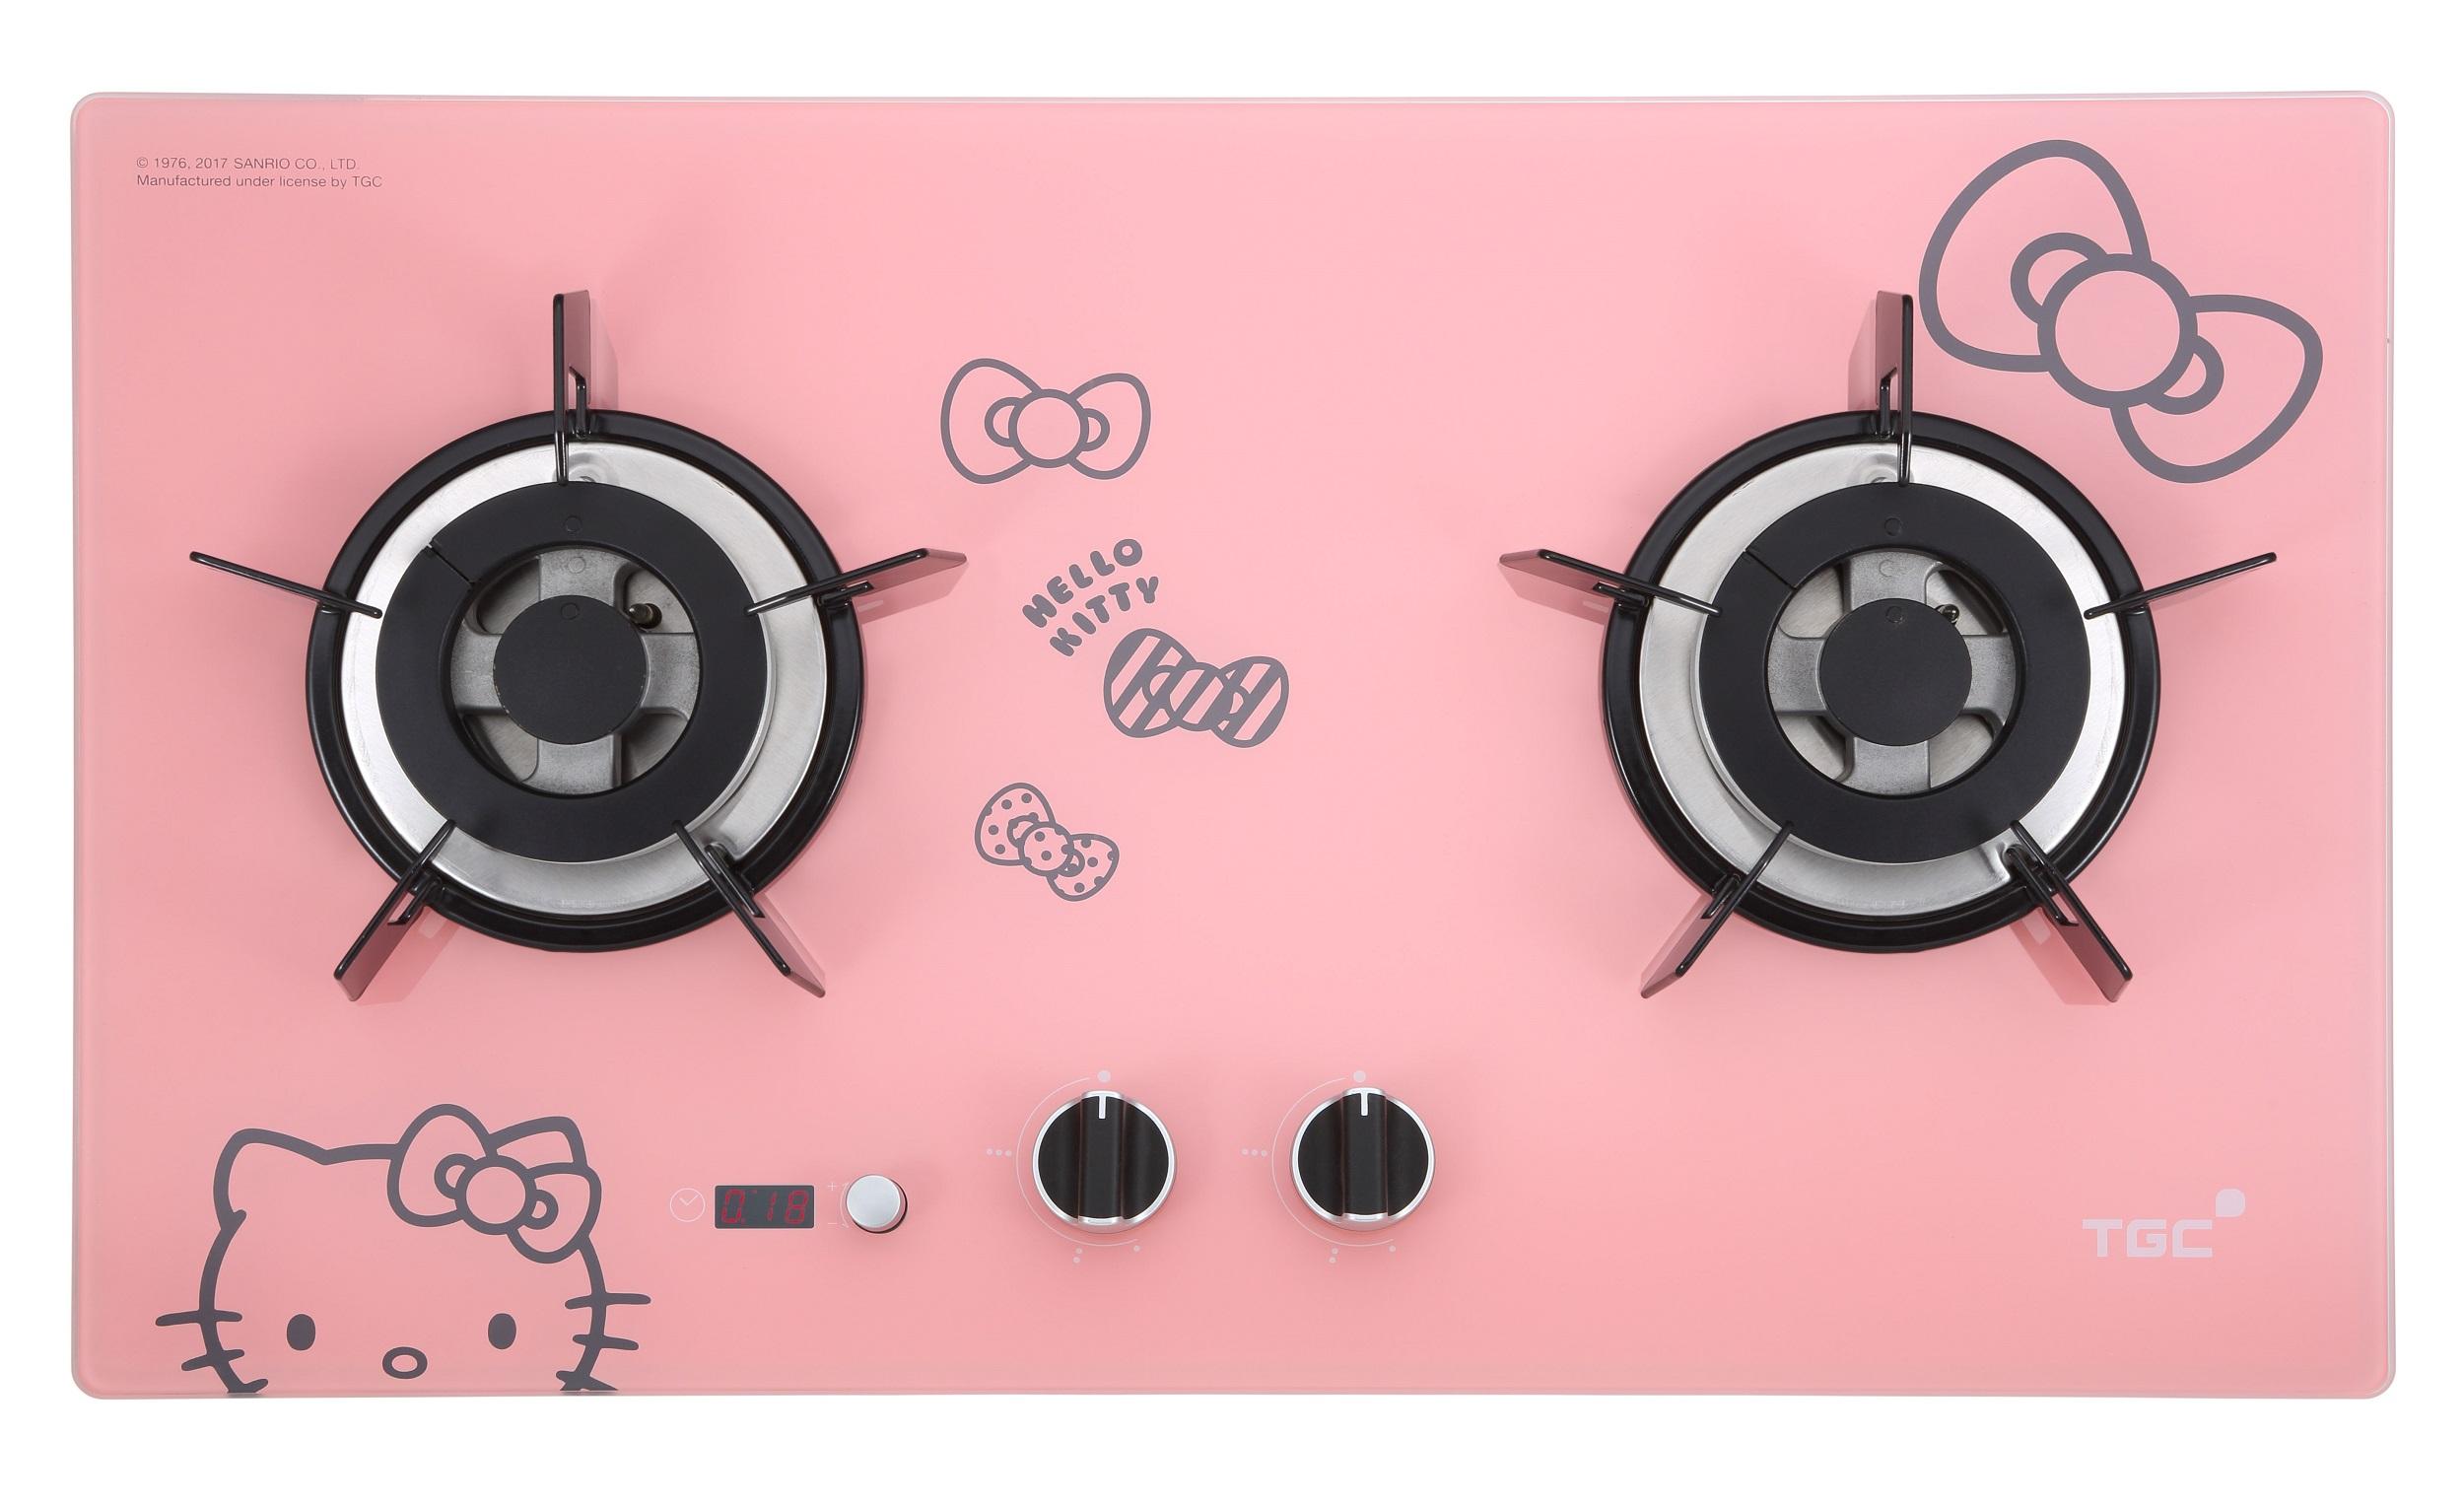 煤氣TGC X HELLO KITTY 推出萌爆嵌入式平面爐及造型廚具